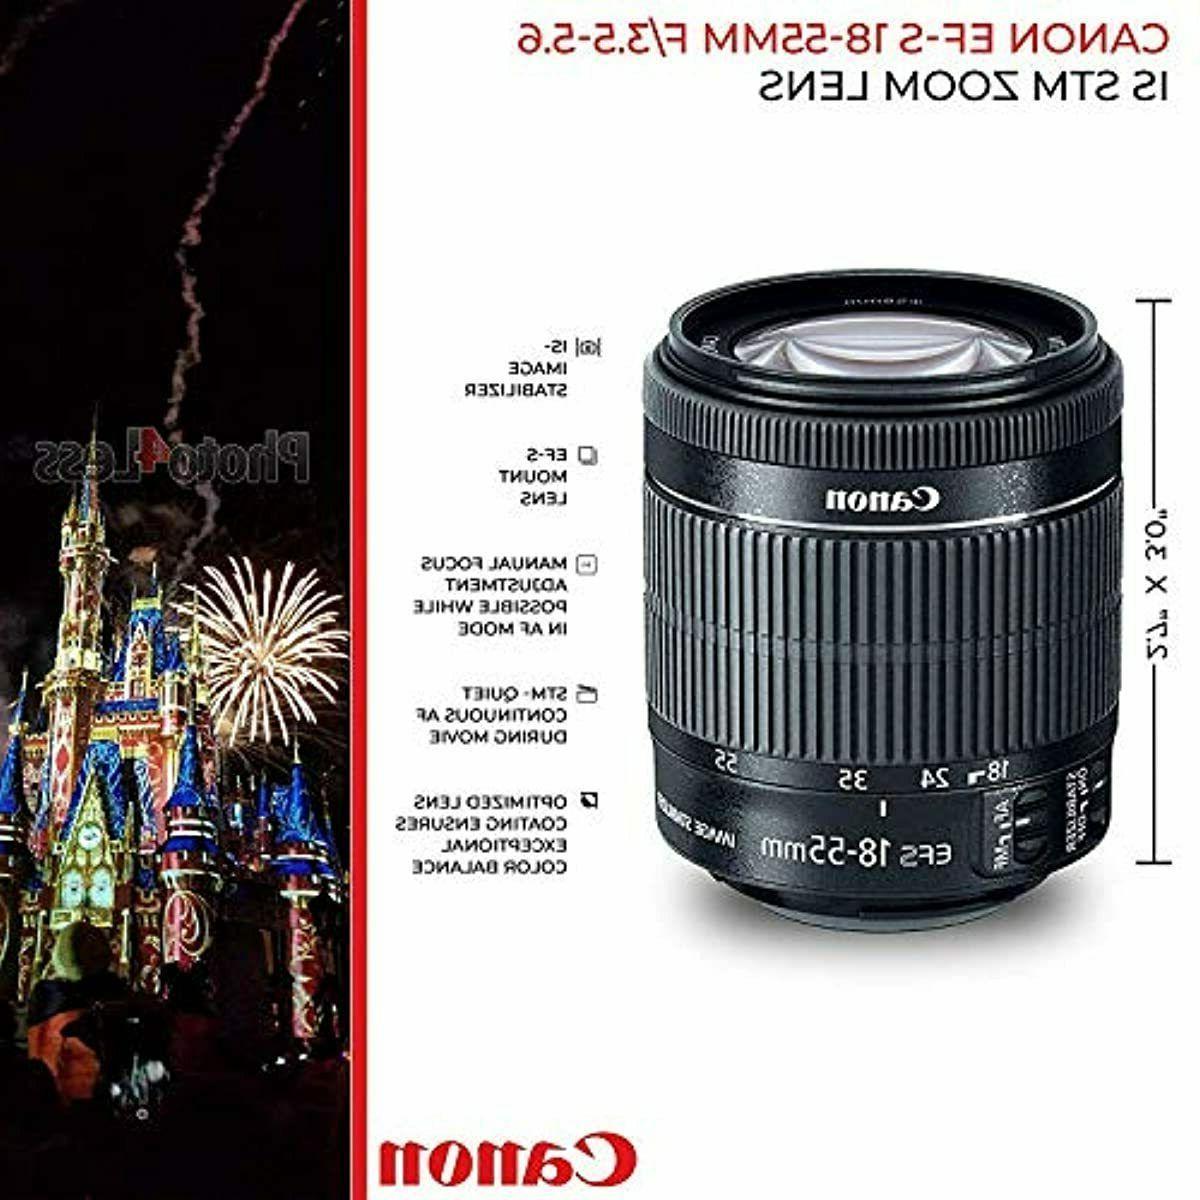 Canon EOS Rebel Digital EF-S 18-55mm STM Lens